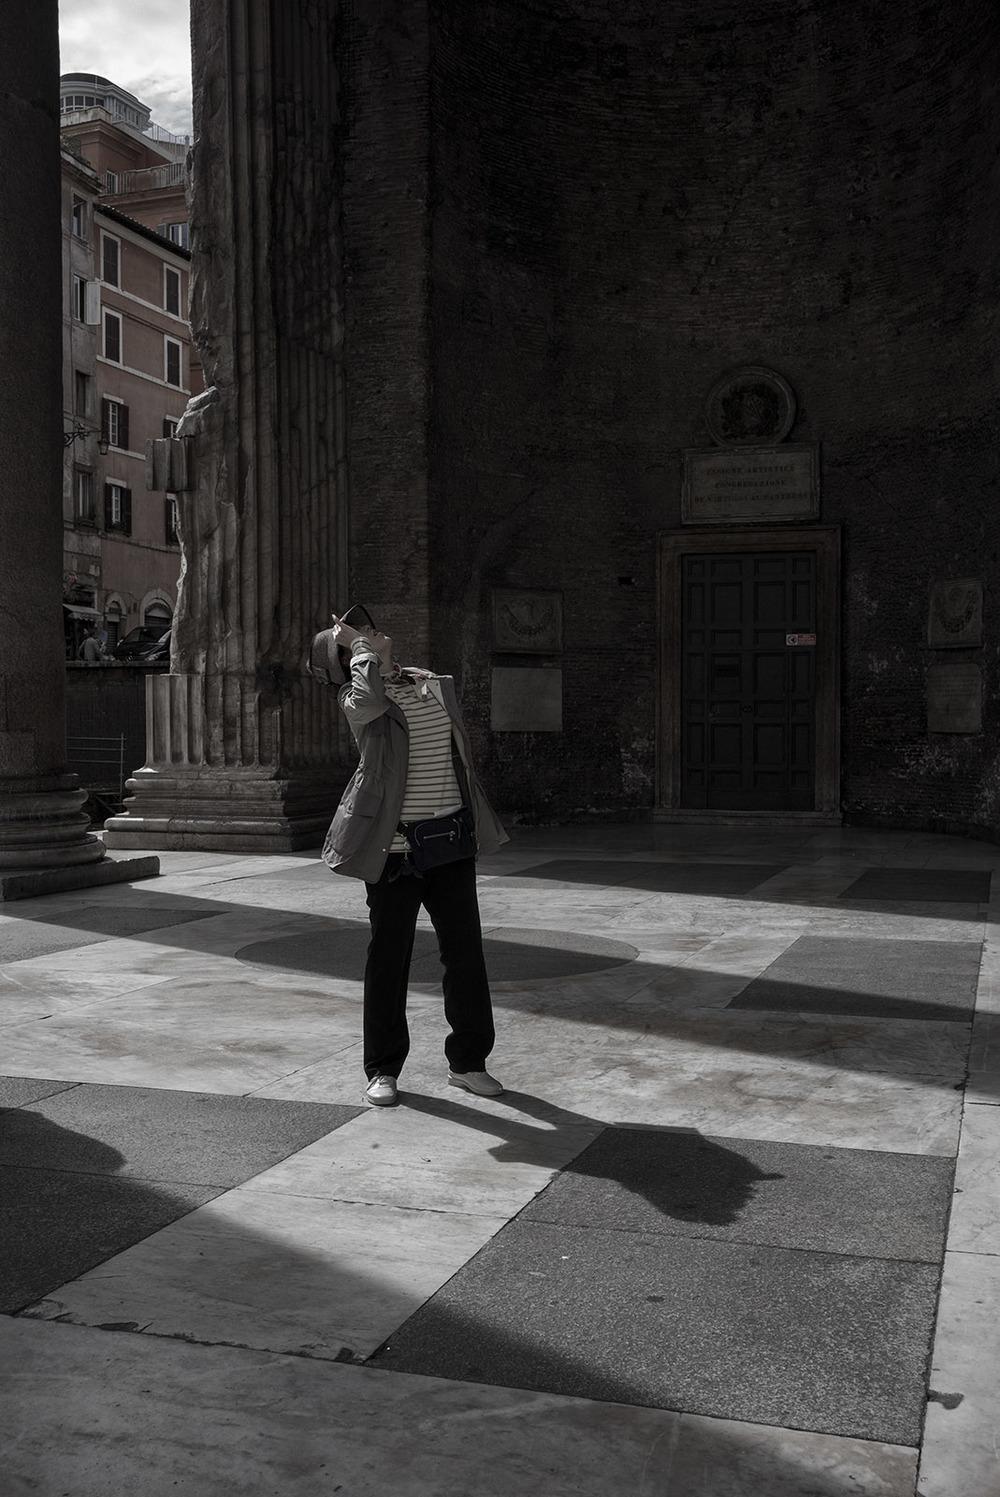 Roma_street_007V_1600.jpg